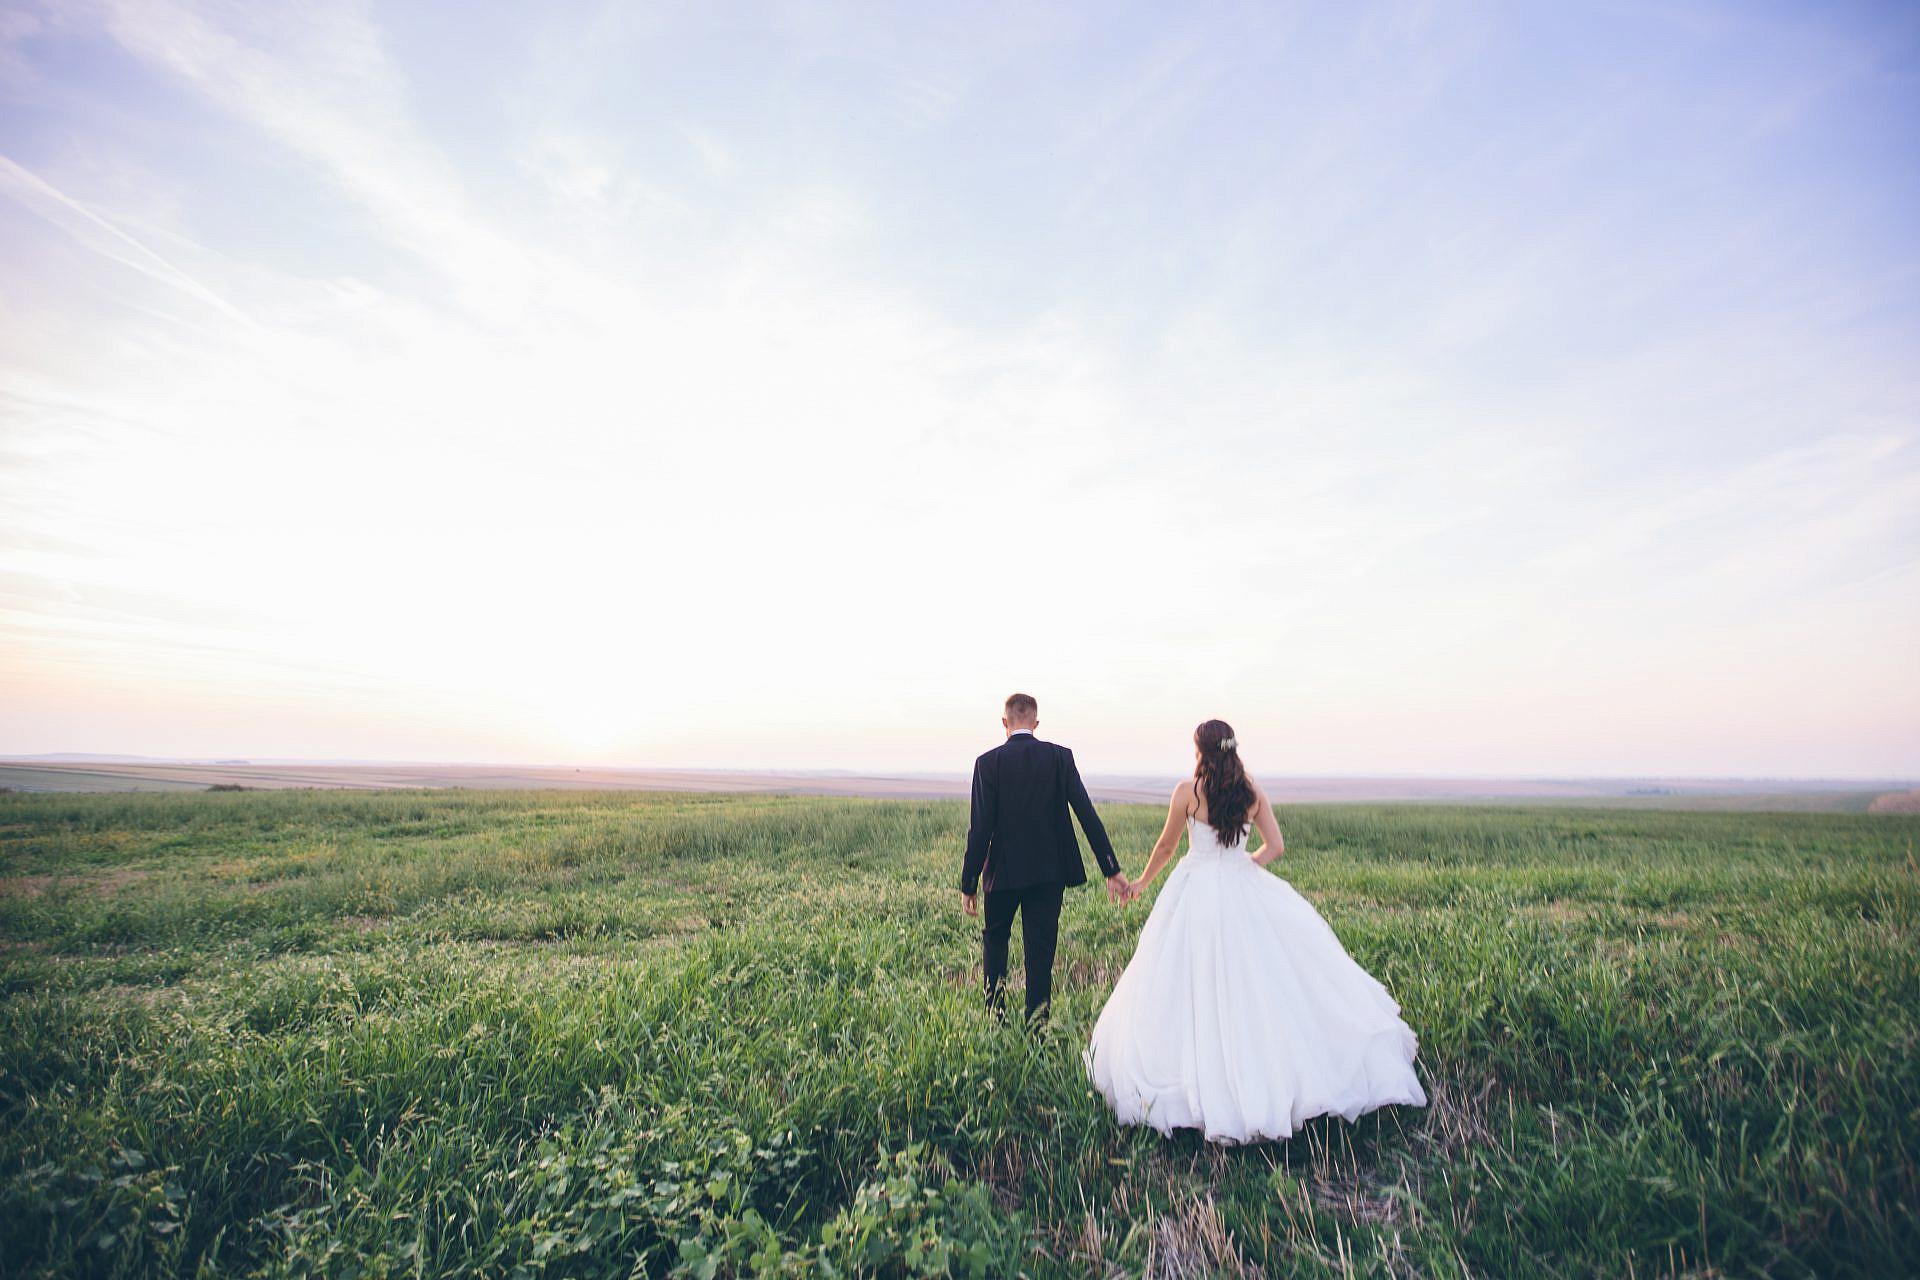 נישואים הם כרטיס בכיוון אחד | צילום: shutterstock